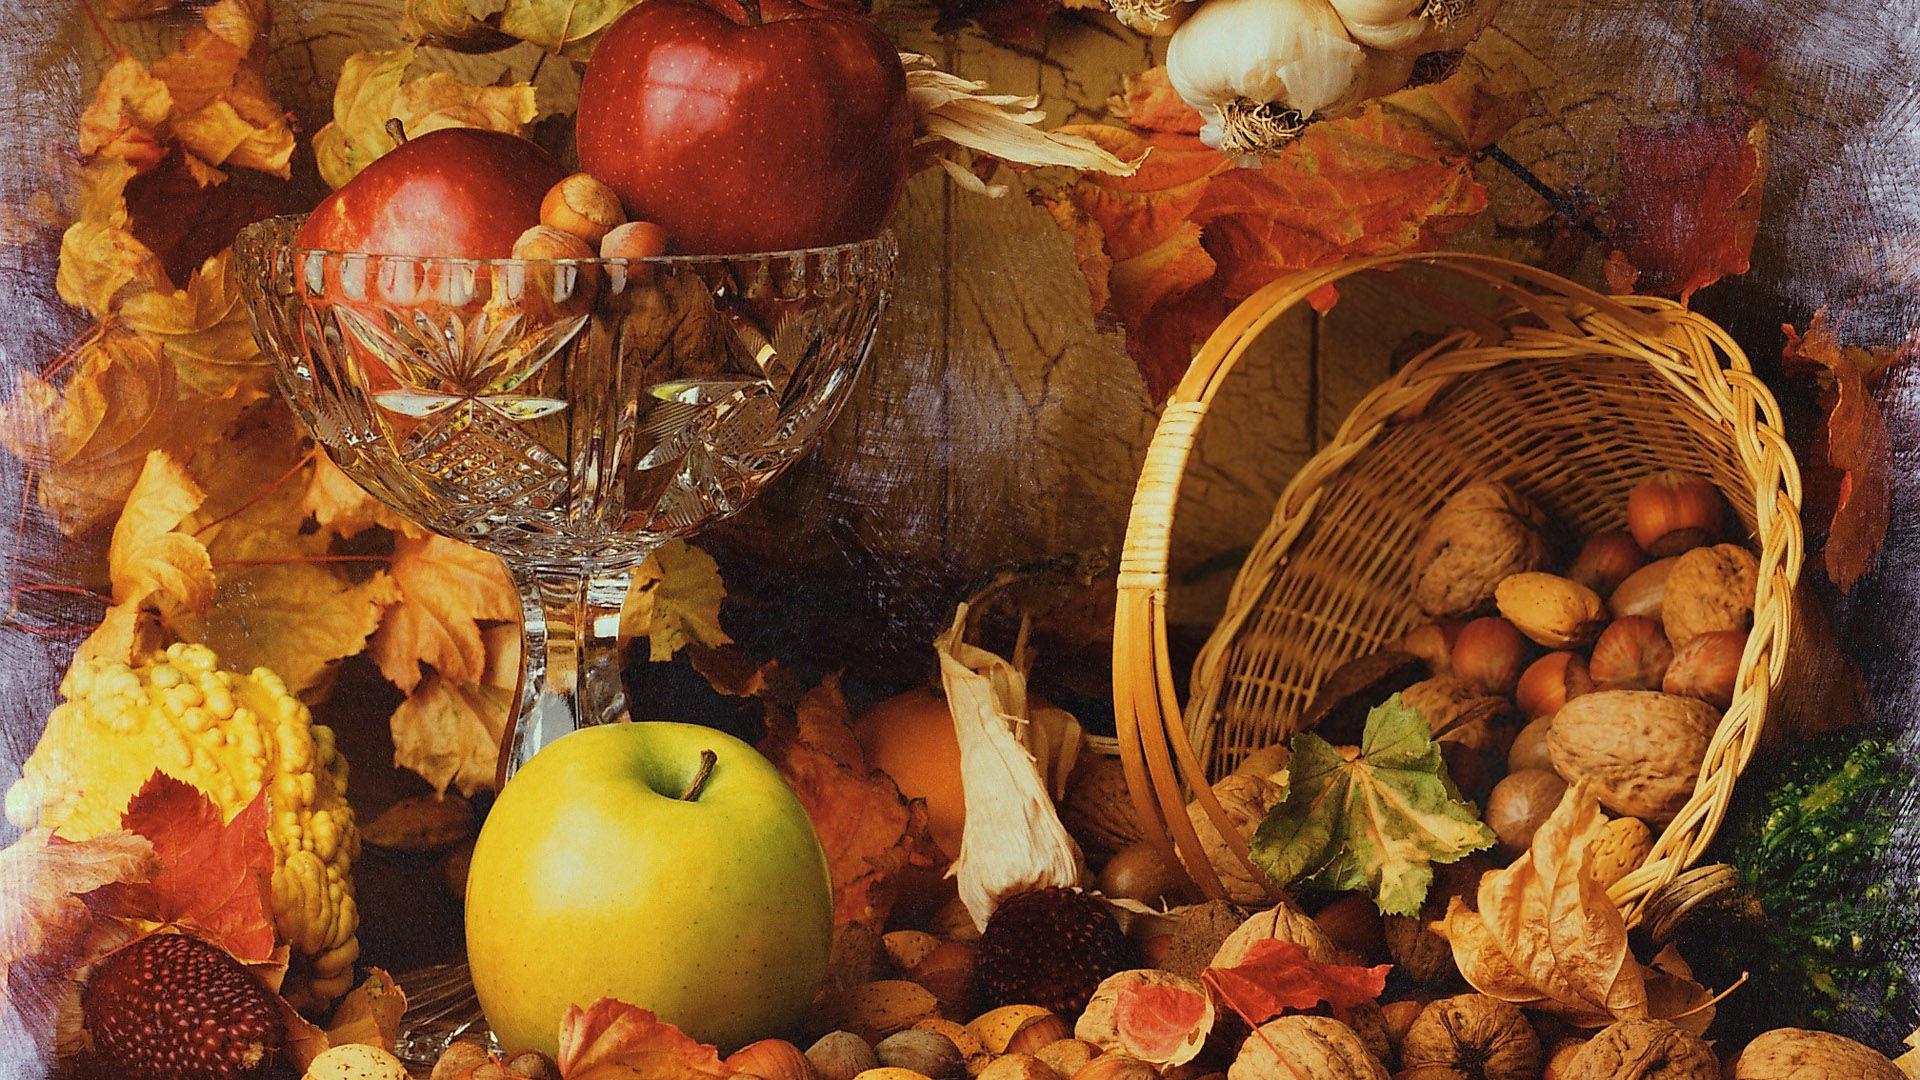 Free Harvest... Harvest Background Images For Desktop